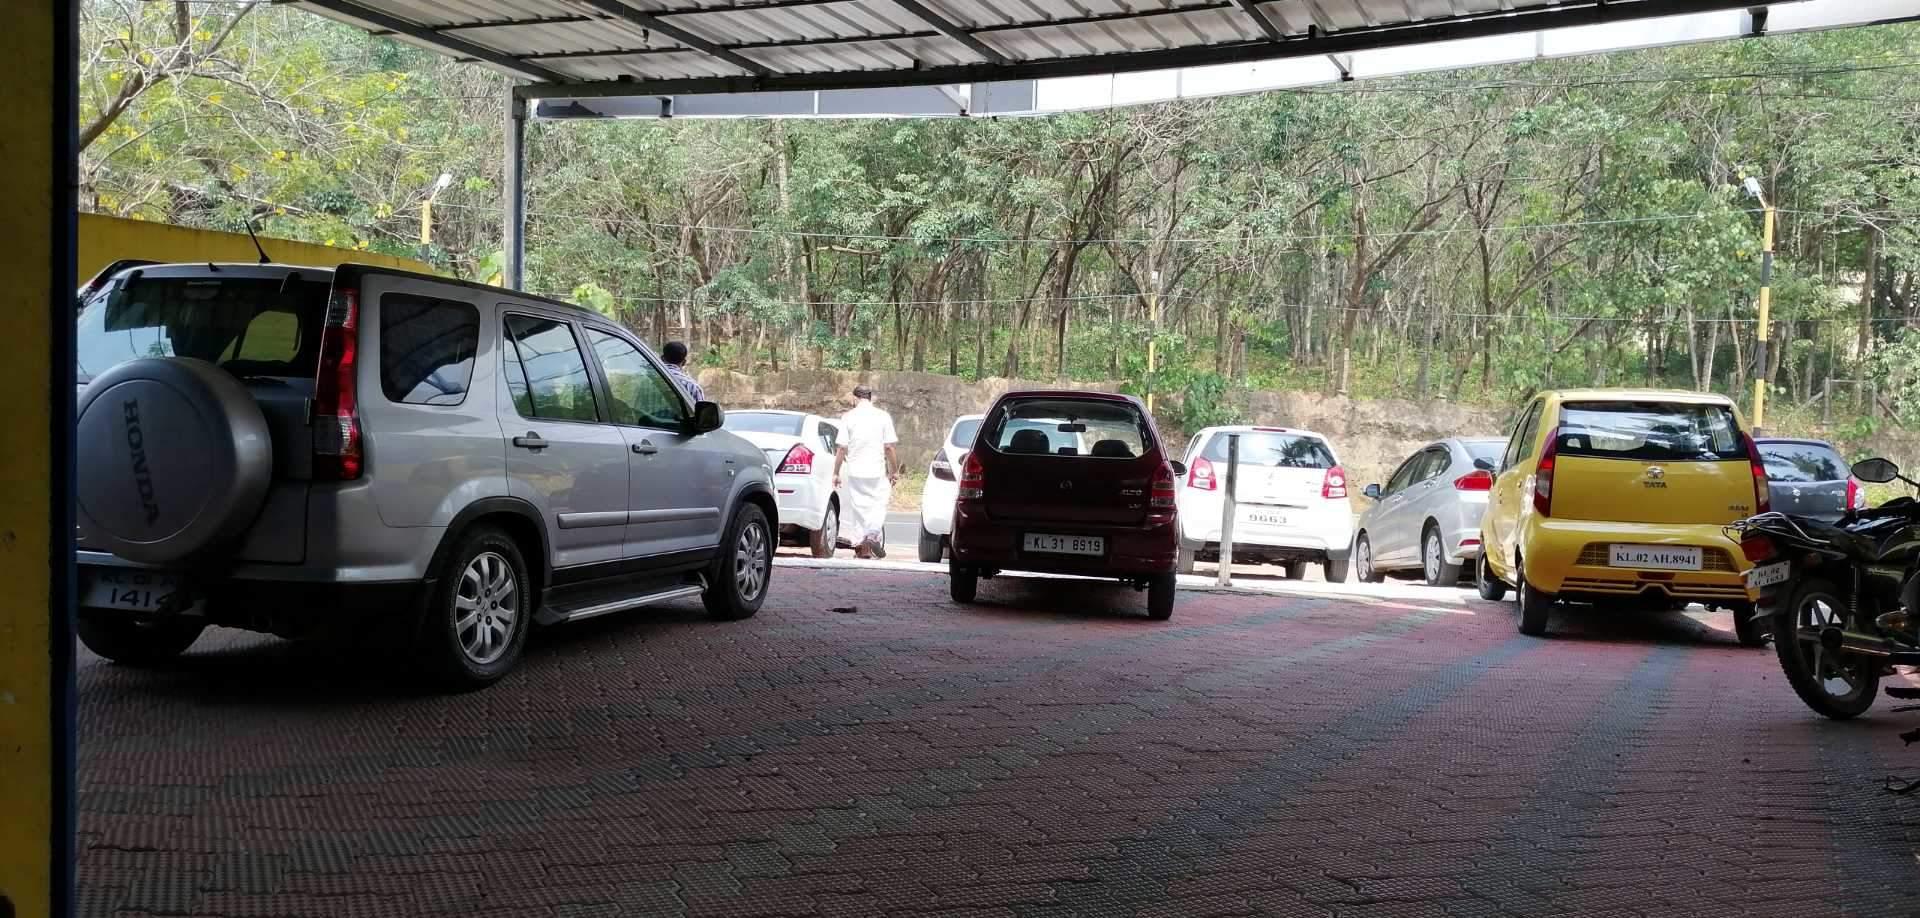 Top Used Car Loans In Kollam Ho Kollam Best Lowest Second Hand